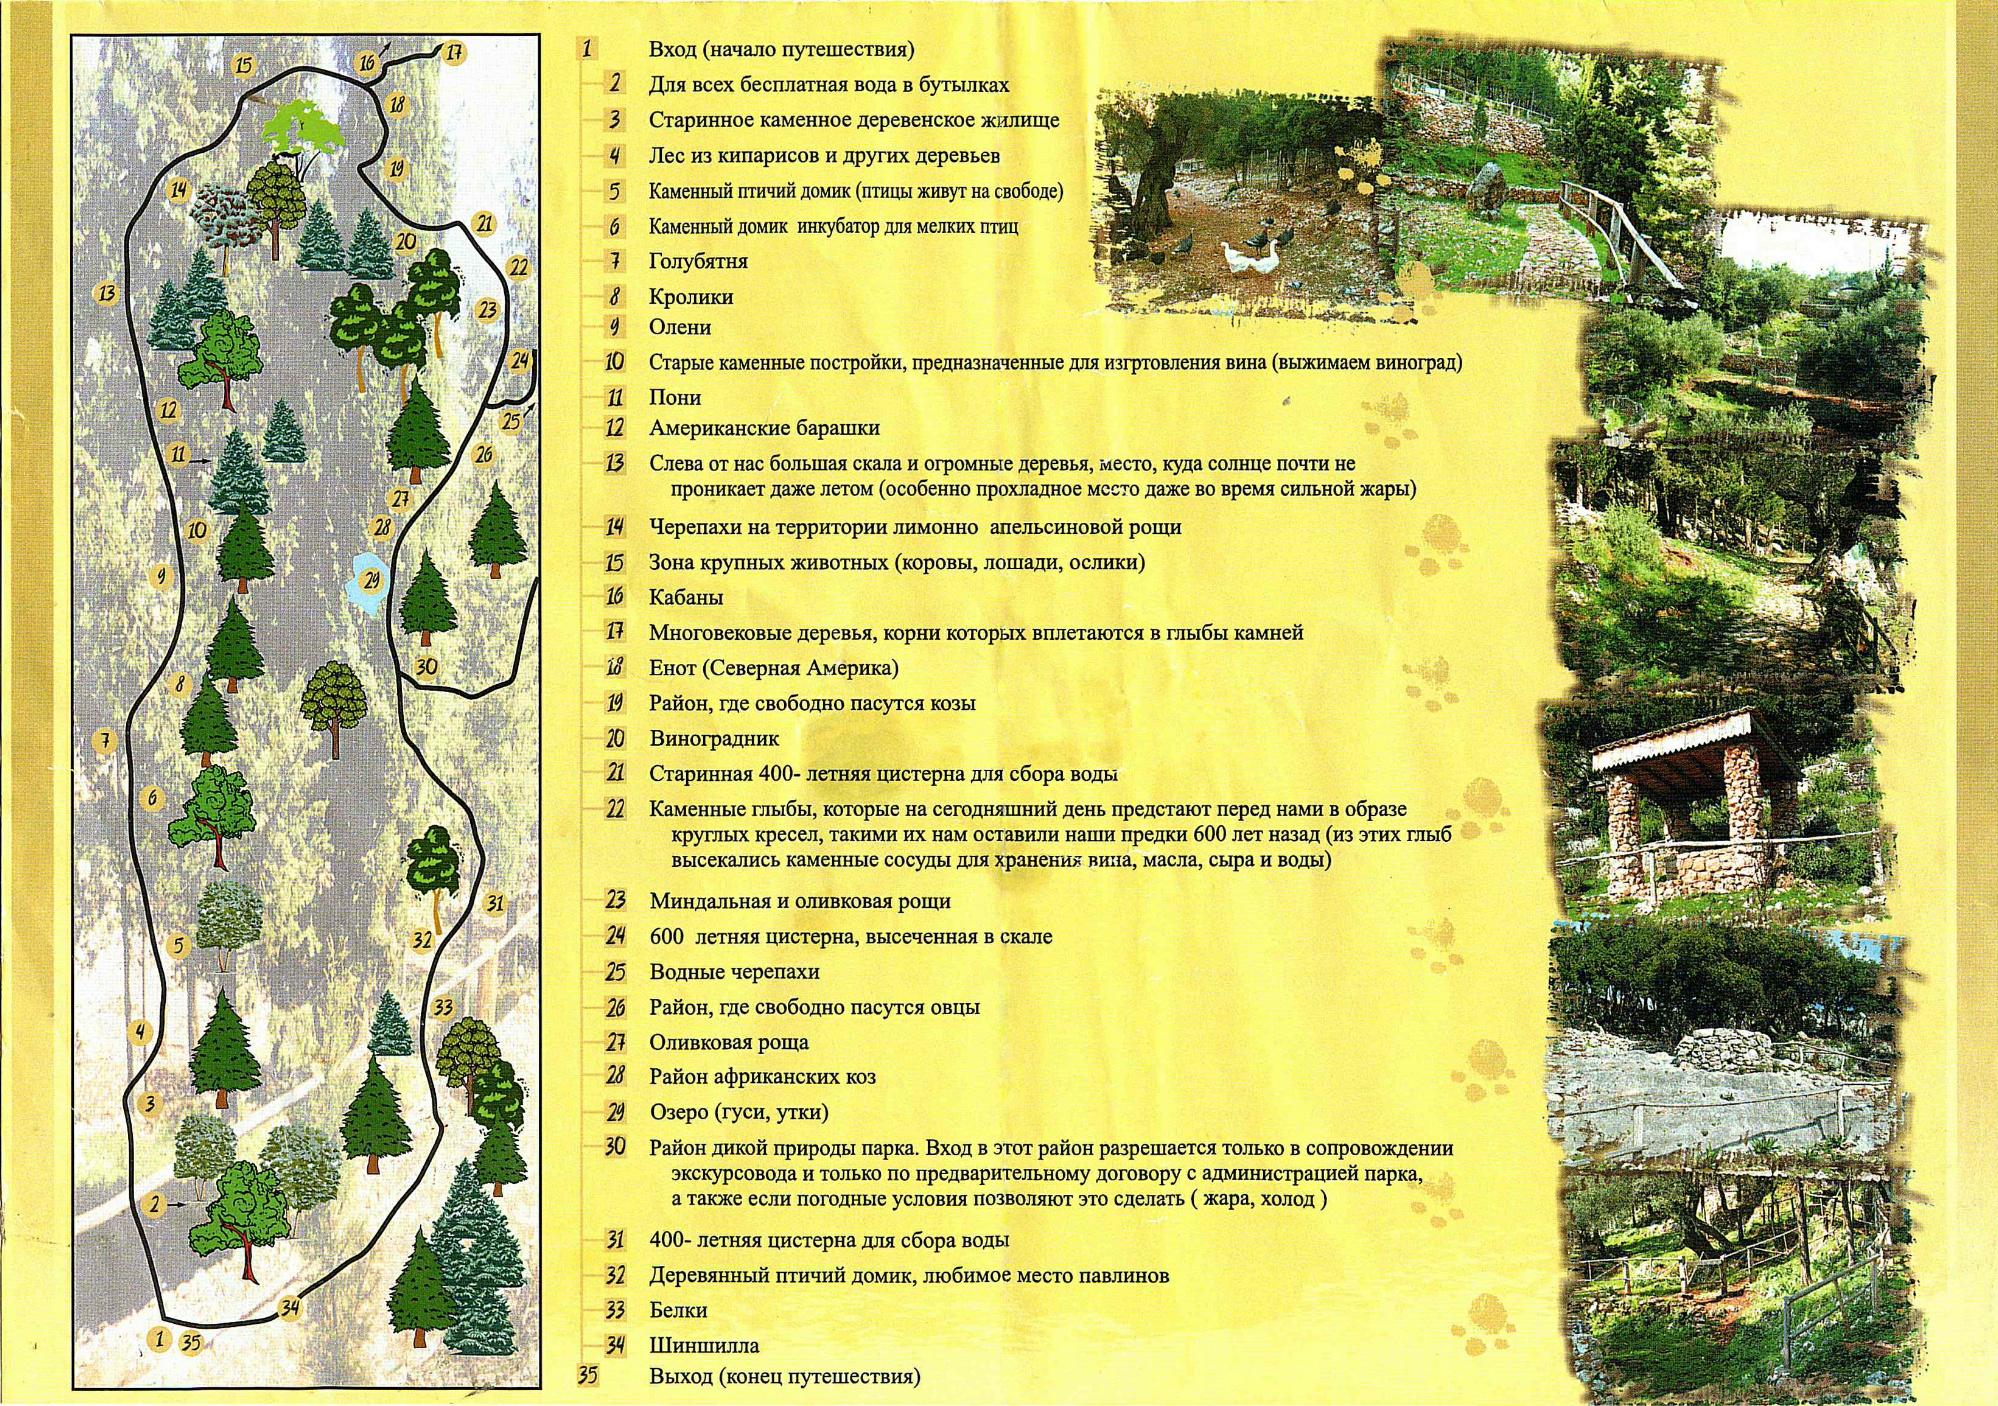 Схема парка Askos